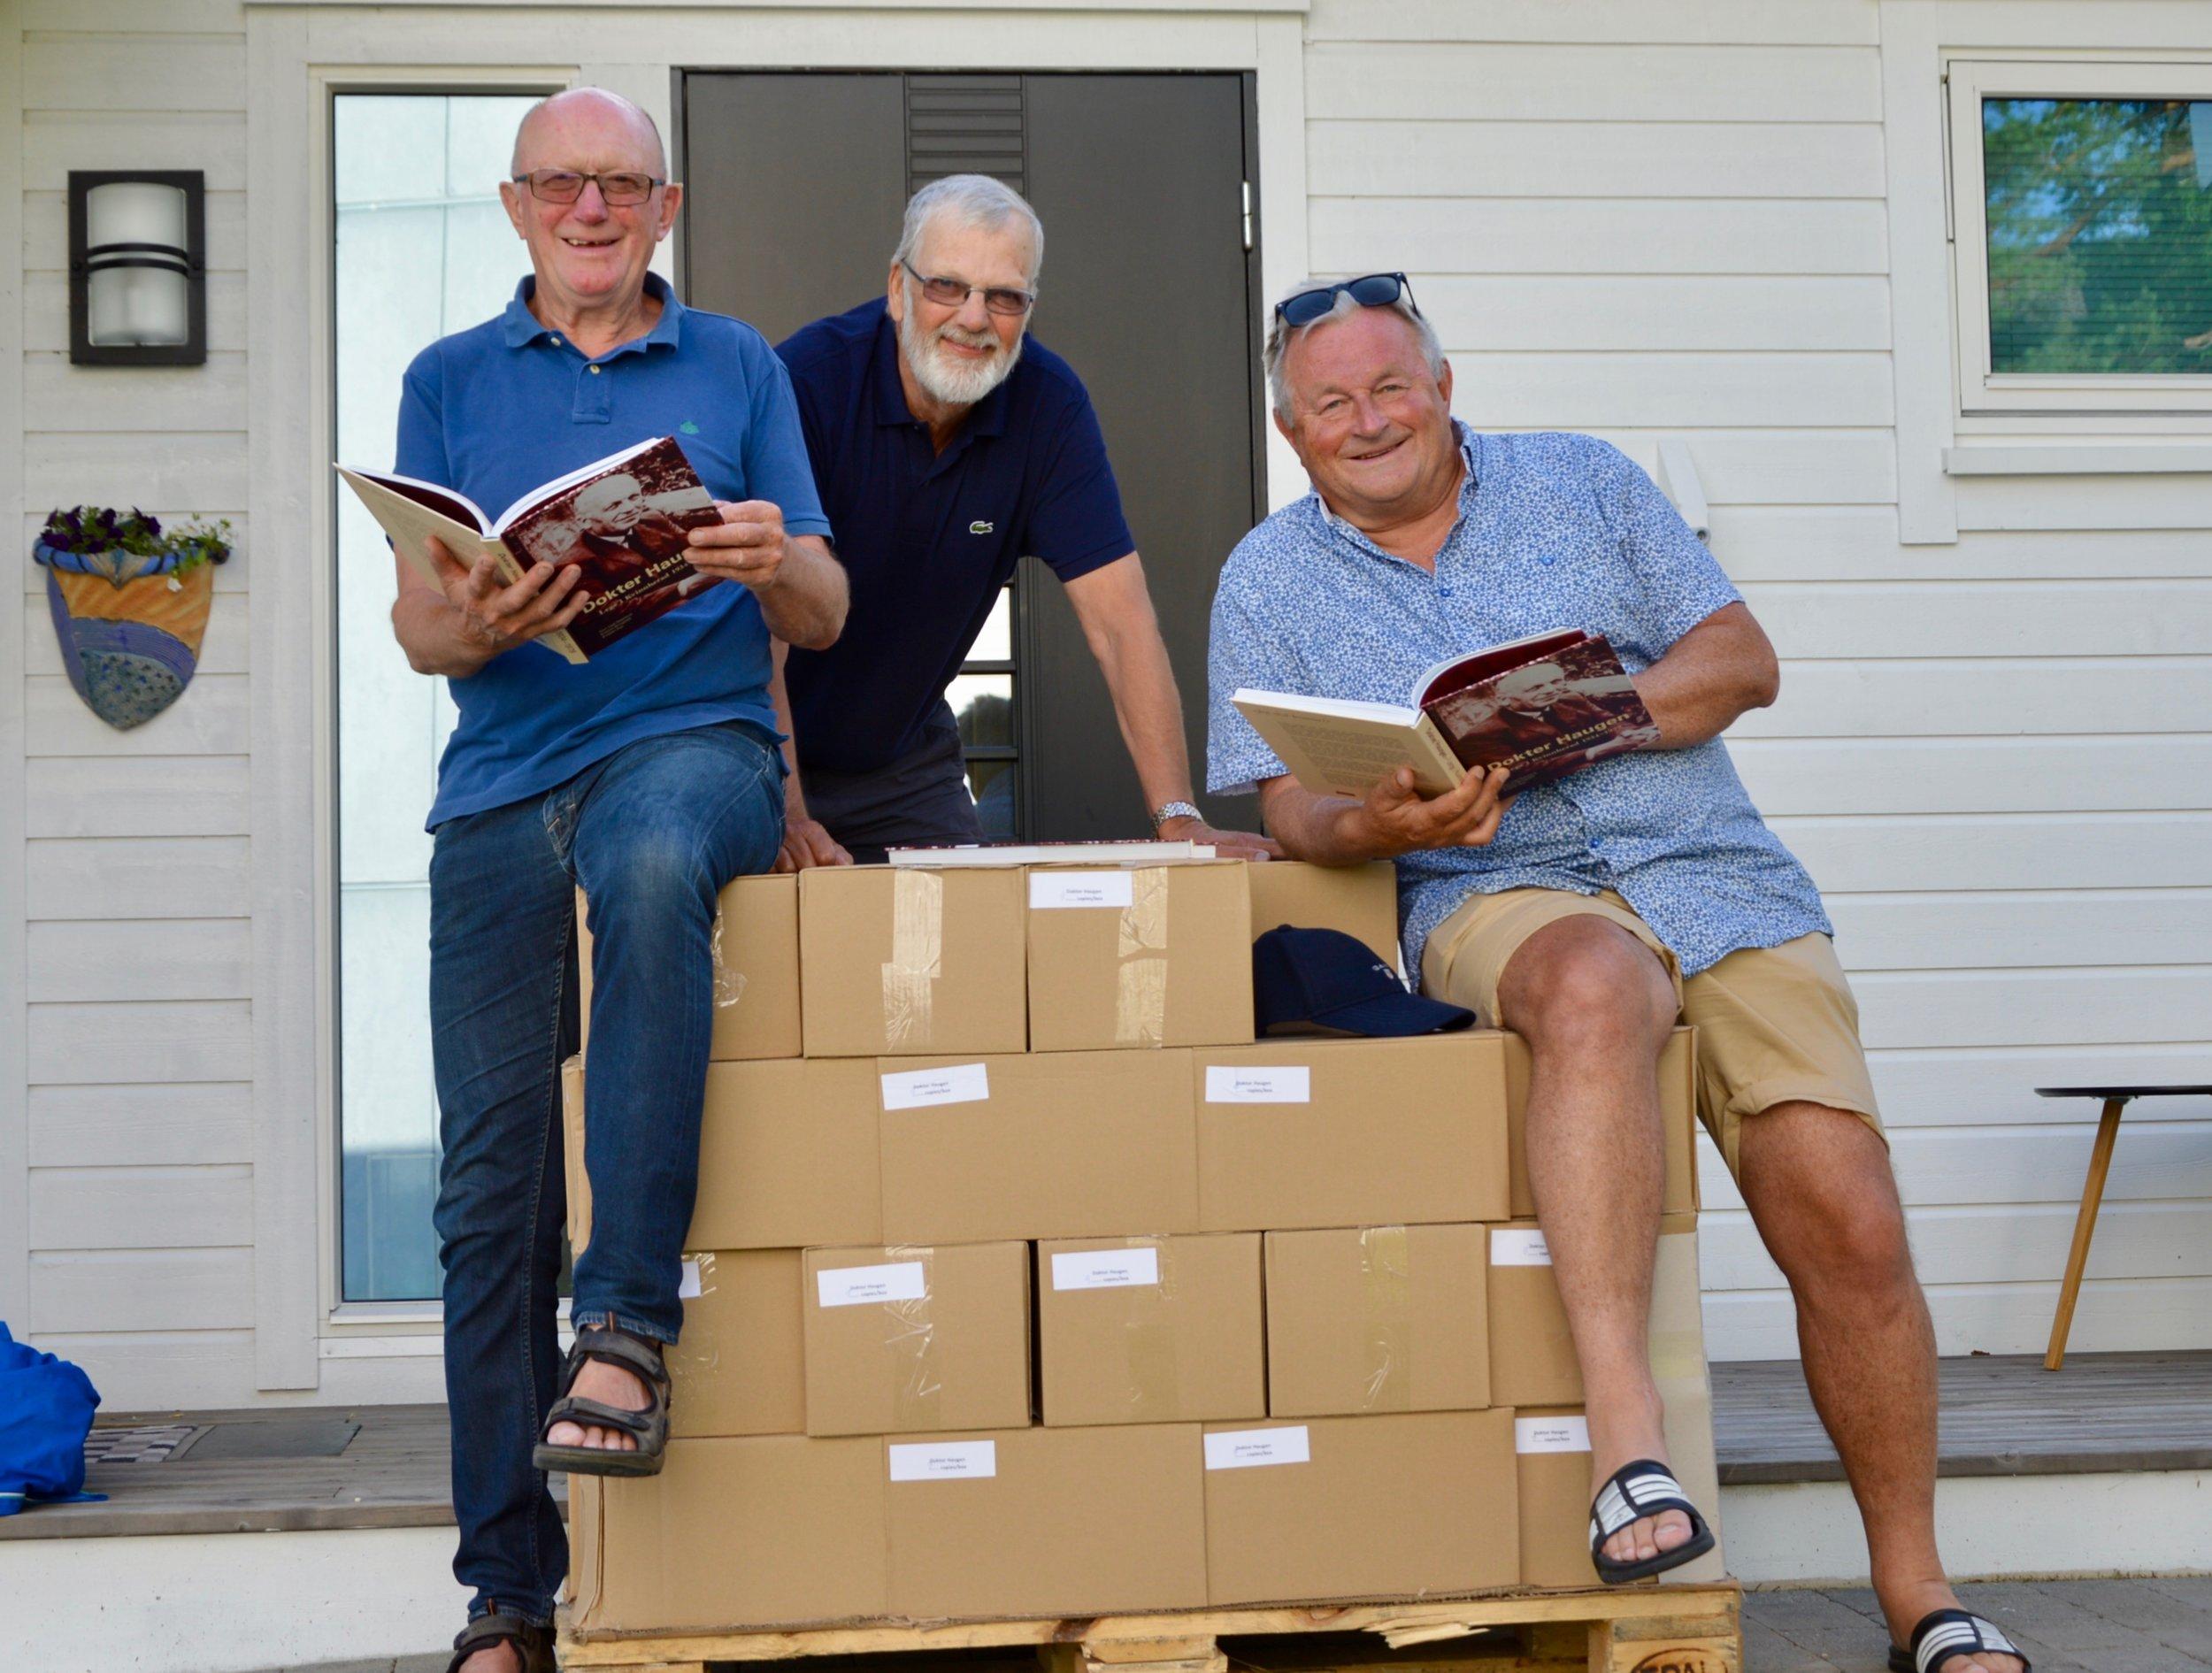 Boknemnda tok imot nye bøker 17. juli 2019, og gler seg over det gode salet. (Foto: Solveig Helgeland Hus)